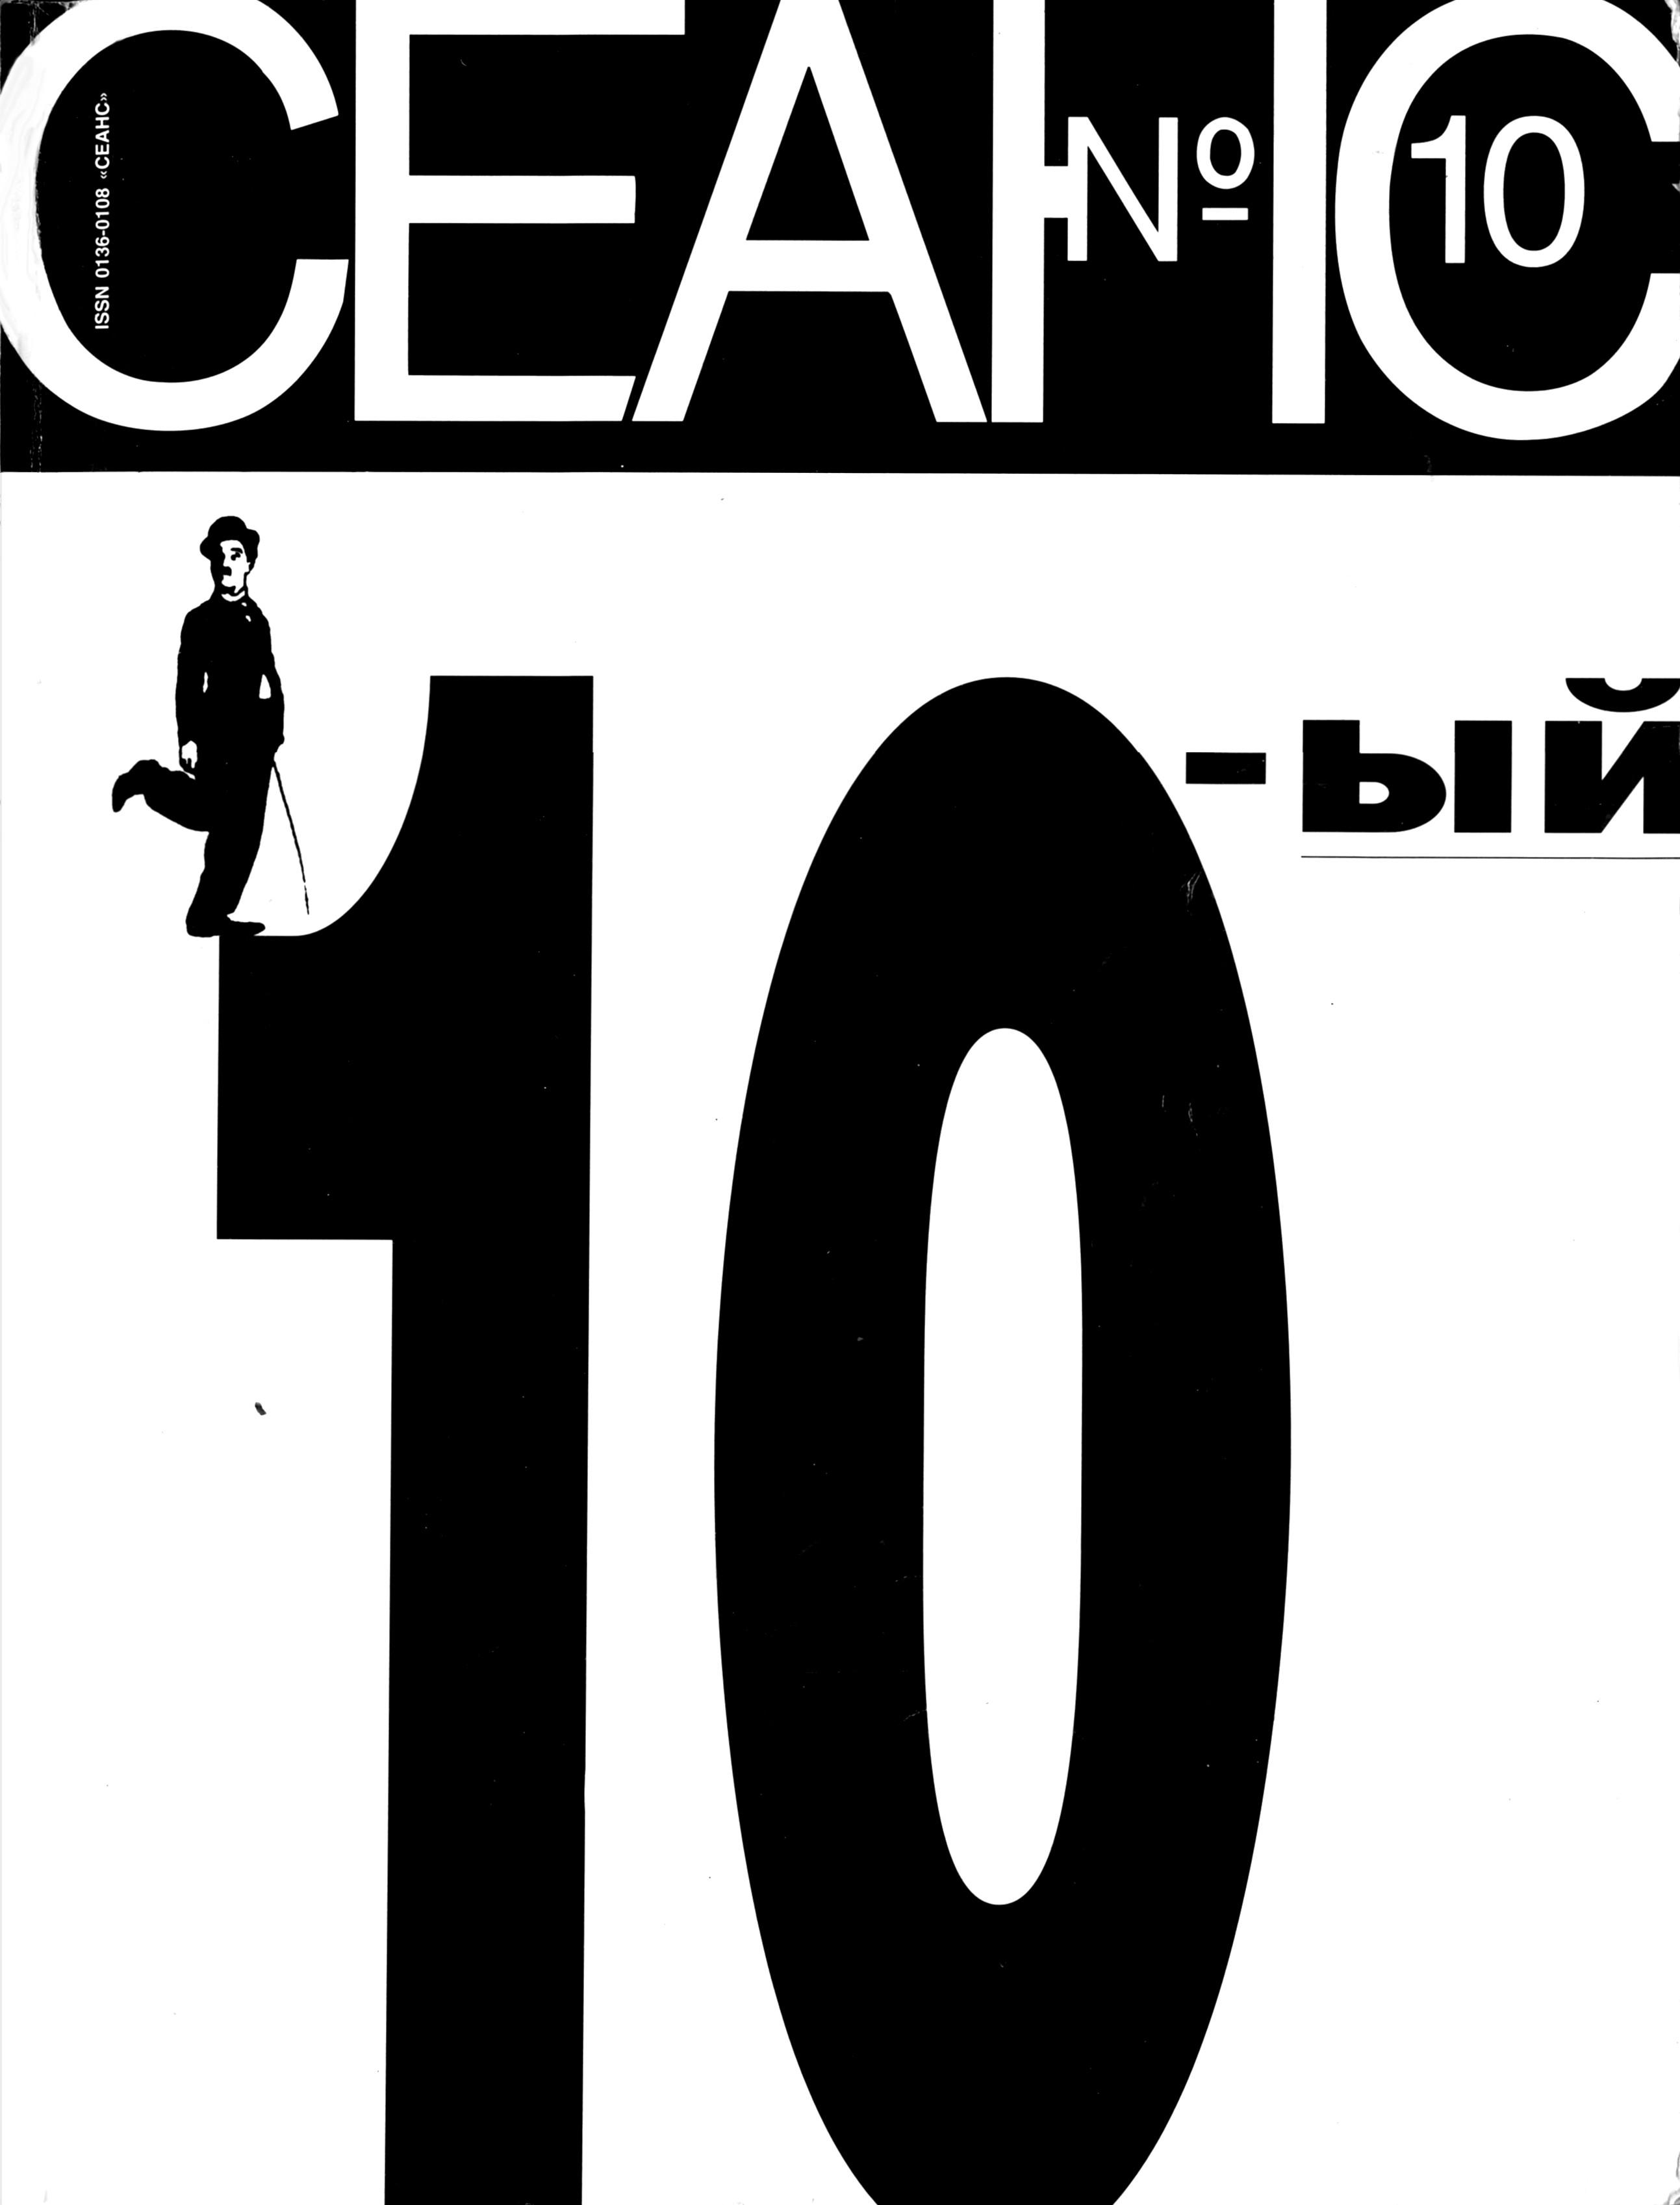 СЕАНС- 10